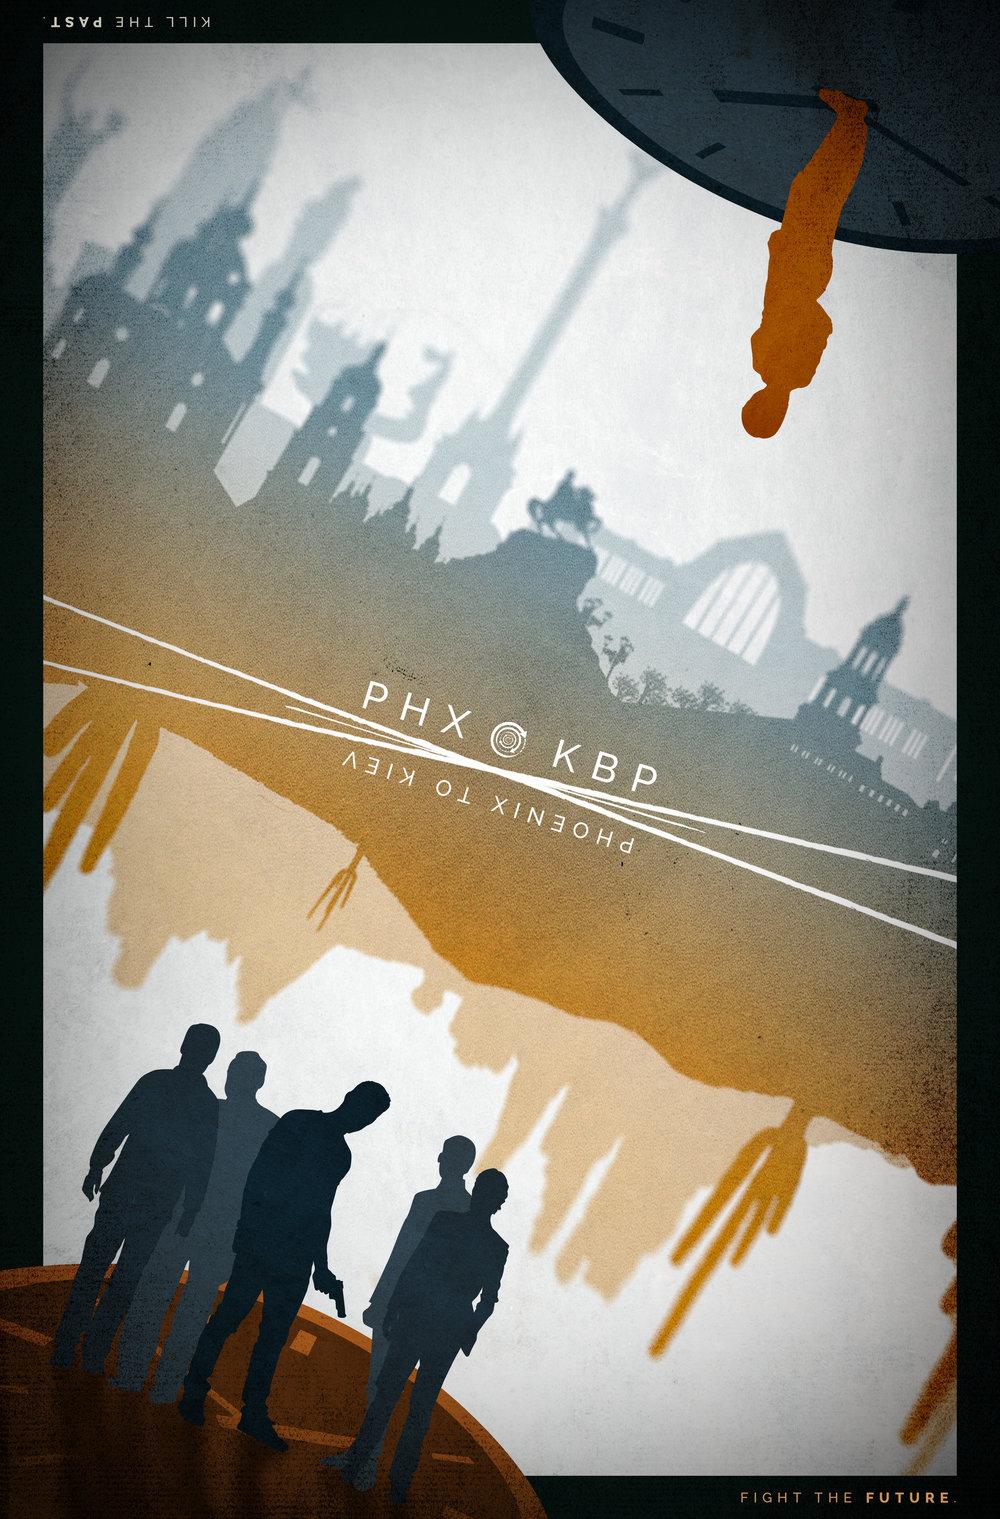 PHX - KBP poster.jpg